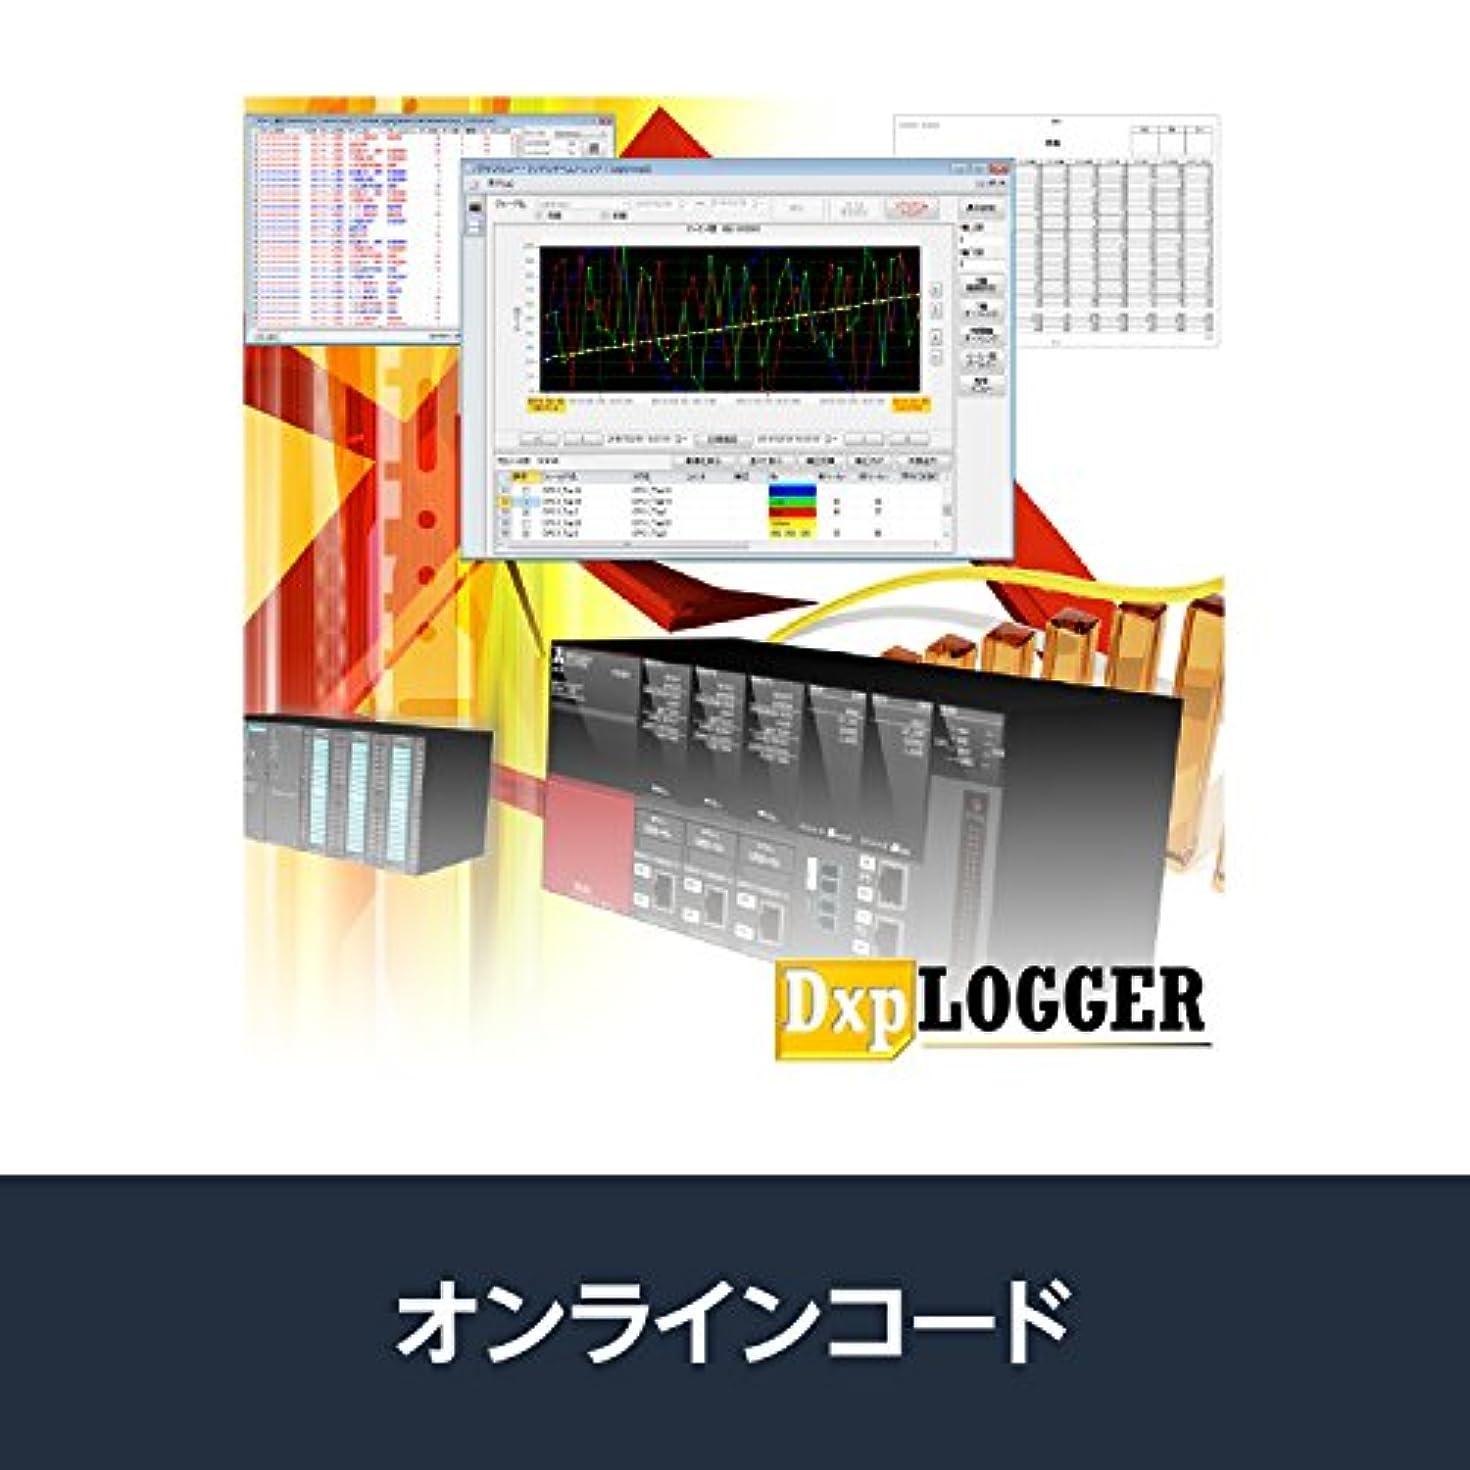 厳密にバイソンめるDeviceXPlorer Data Logger(最新) Ver.2.2 オンラインコード版